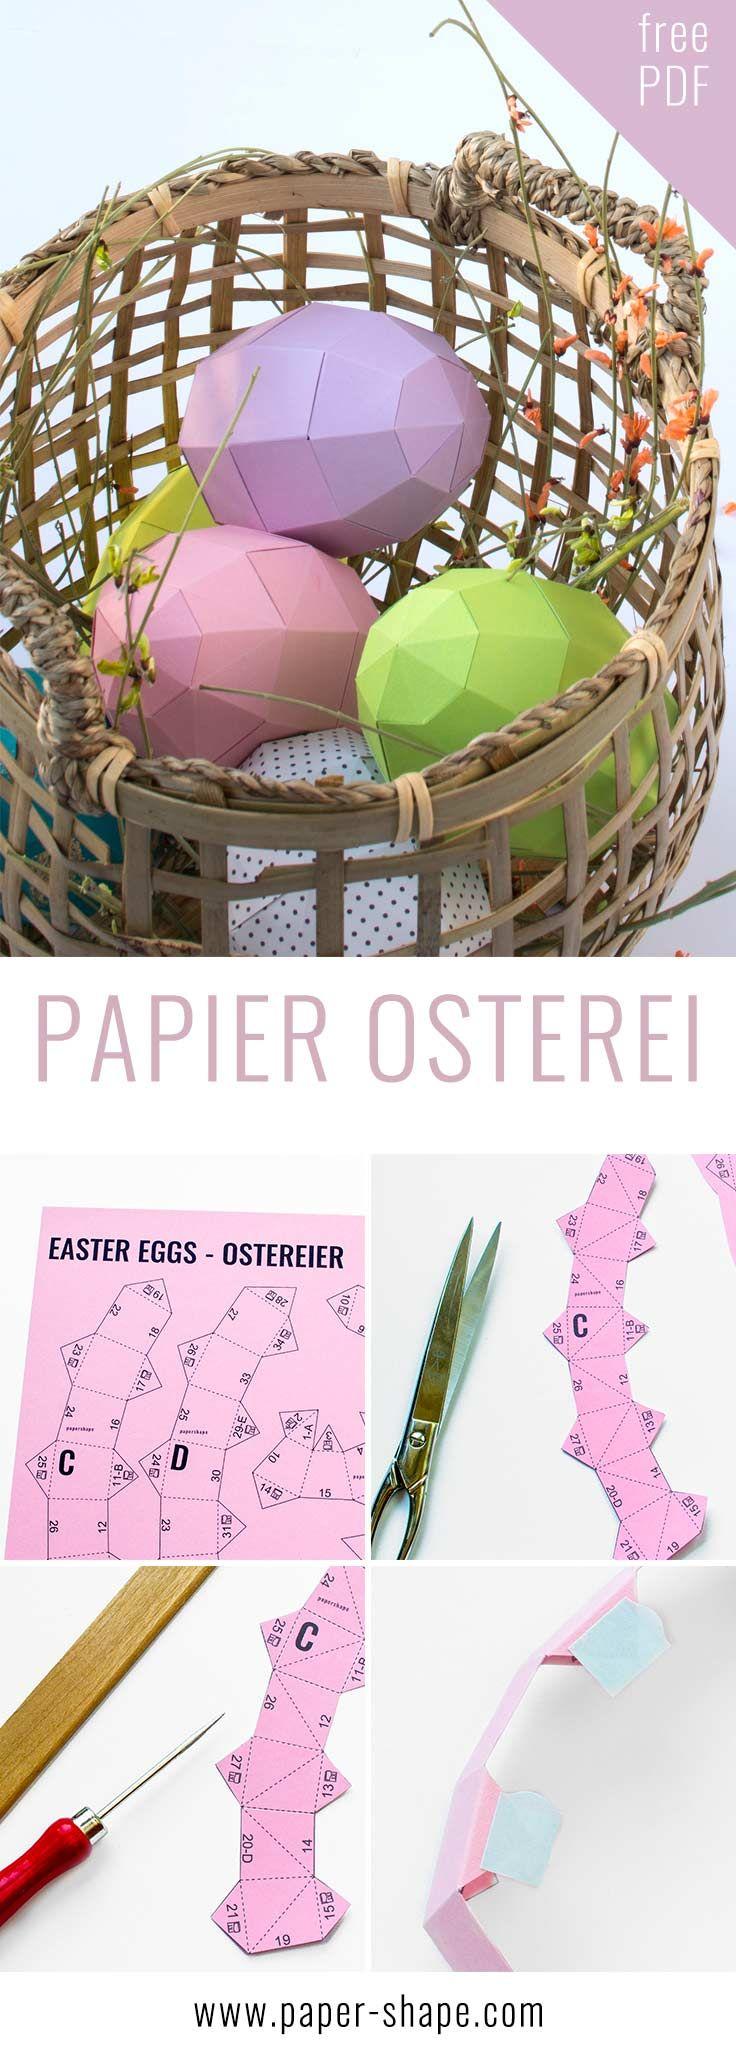 Moderne Ostereier basteln aus Papier mit der kostenlosen Vorlage, die ihr aus dem ARD-Buffet beim SWR kennt. Jetzt mit neuen Osterei-Ideen, die ihr bemalen und befüllen könnt. Hier klicken um die Vorlage herunterzuladen.